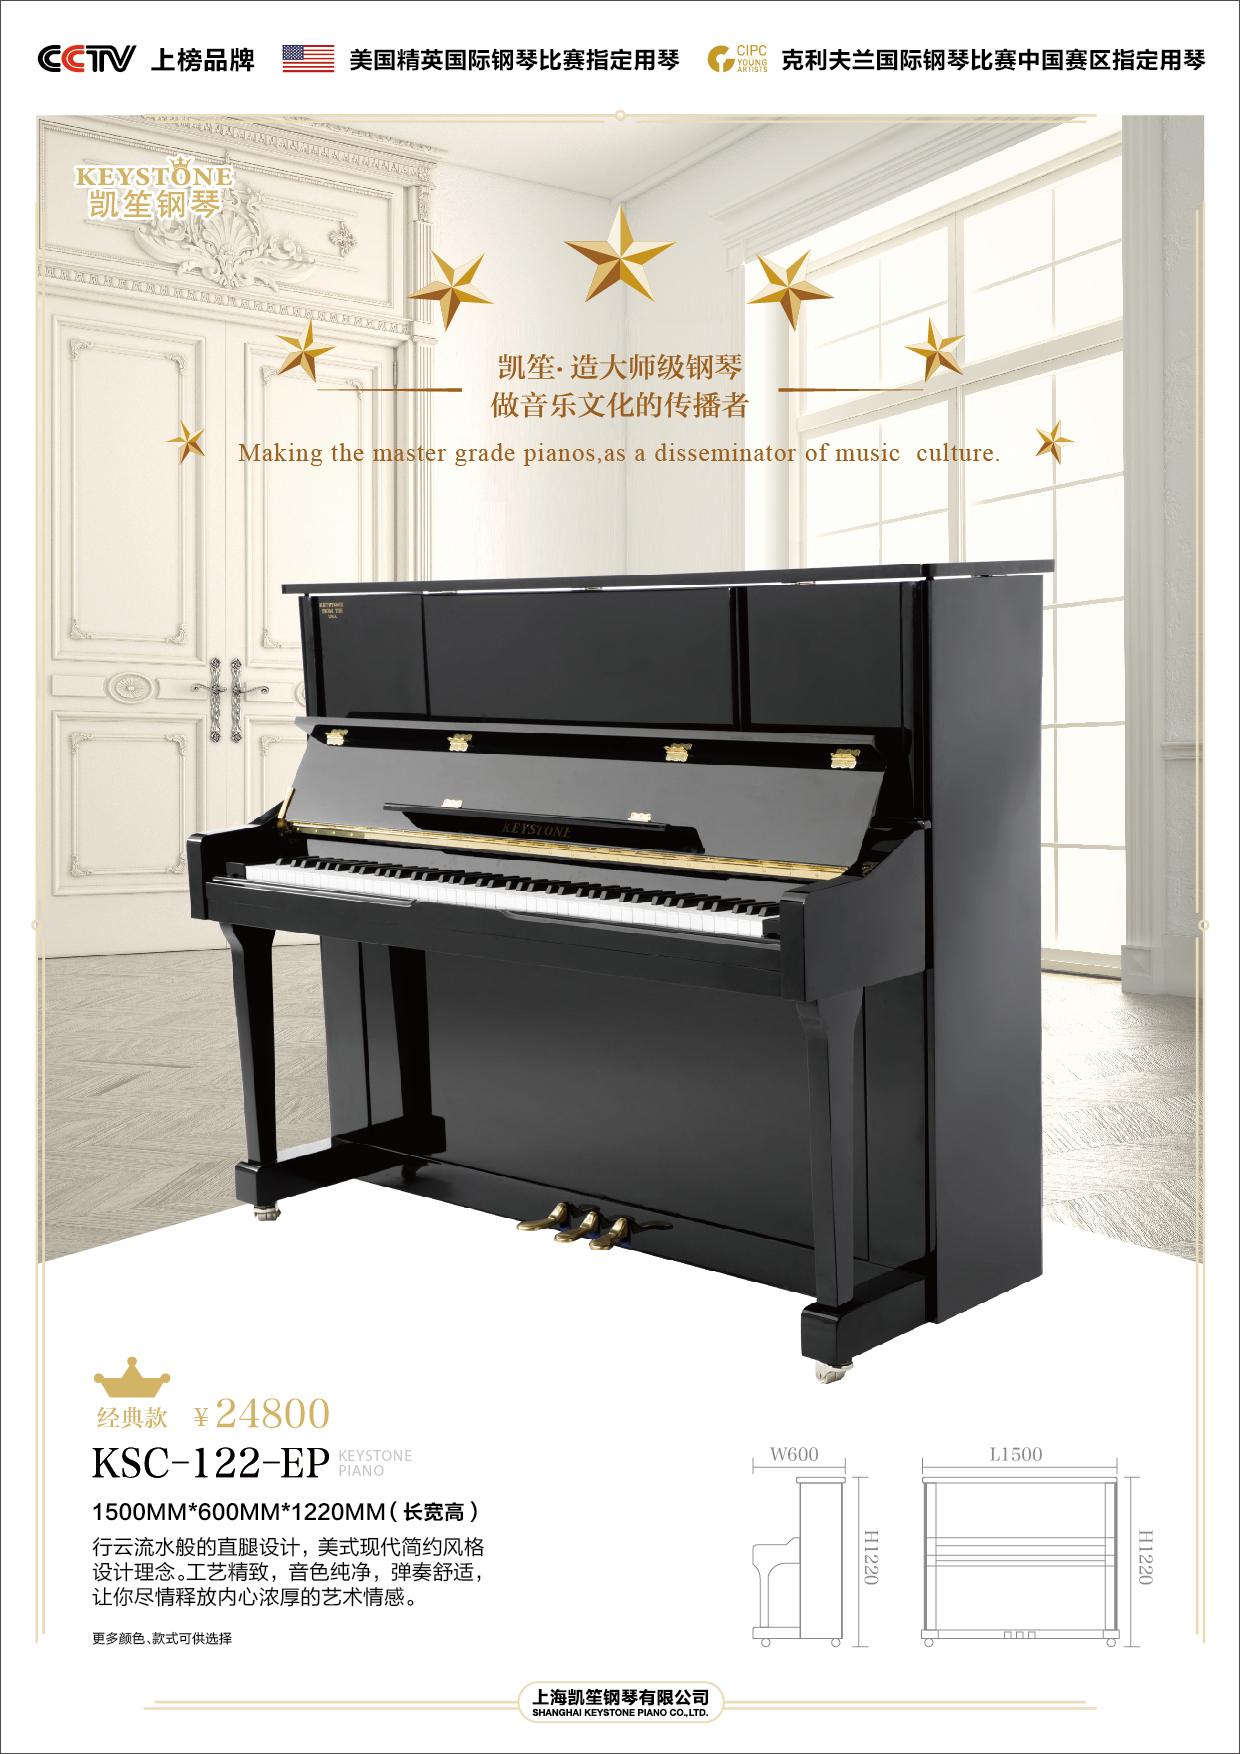 Cuộc thi piano Kay Mỹ được chỉ định piano mới piano thẳng đứng 88 phím đàn piano thực KSC-122-EP